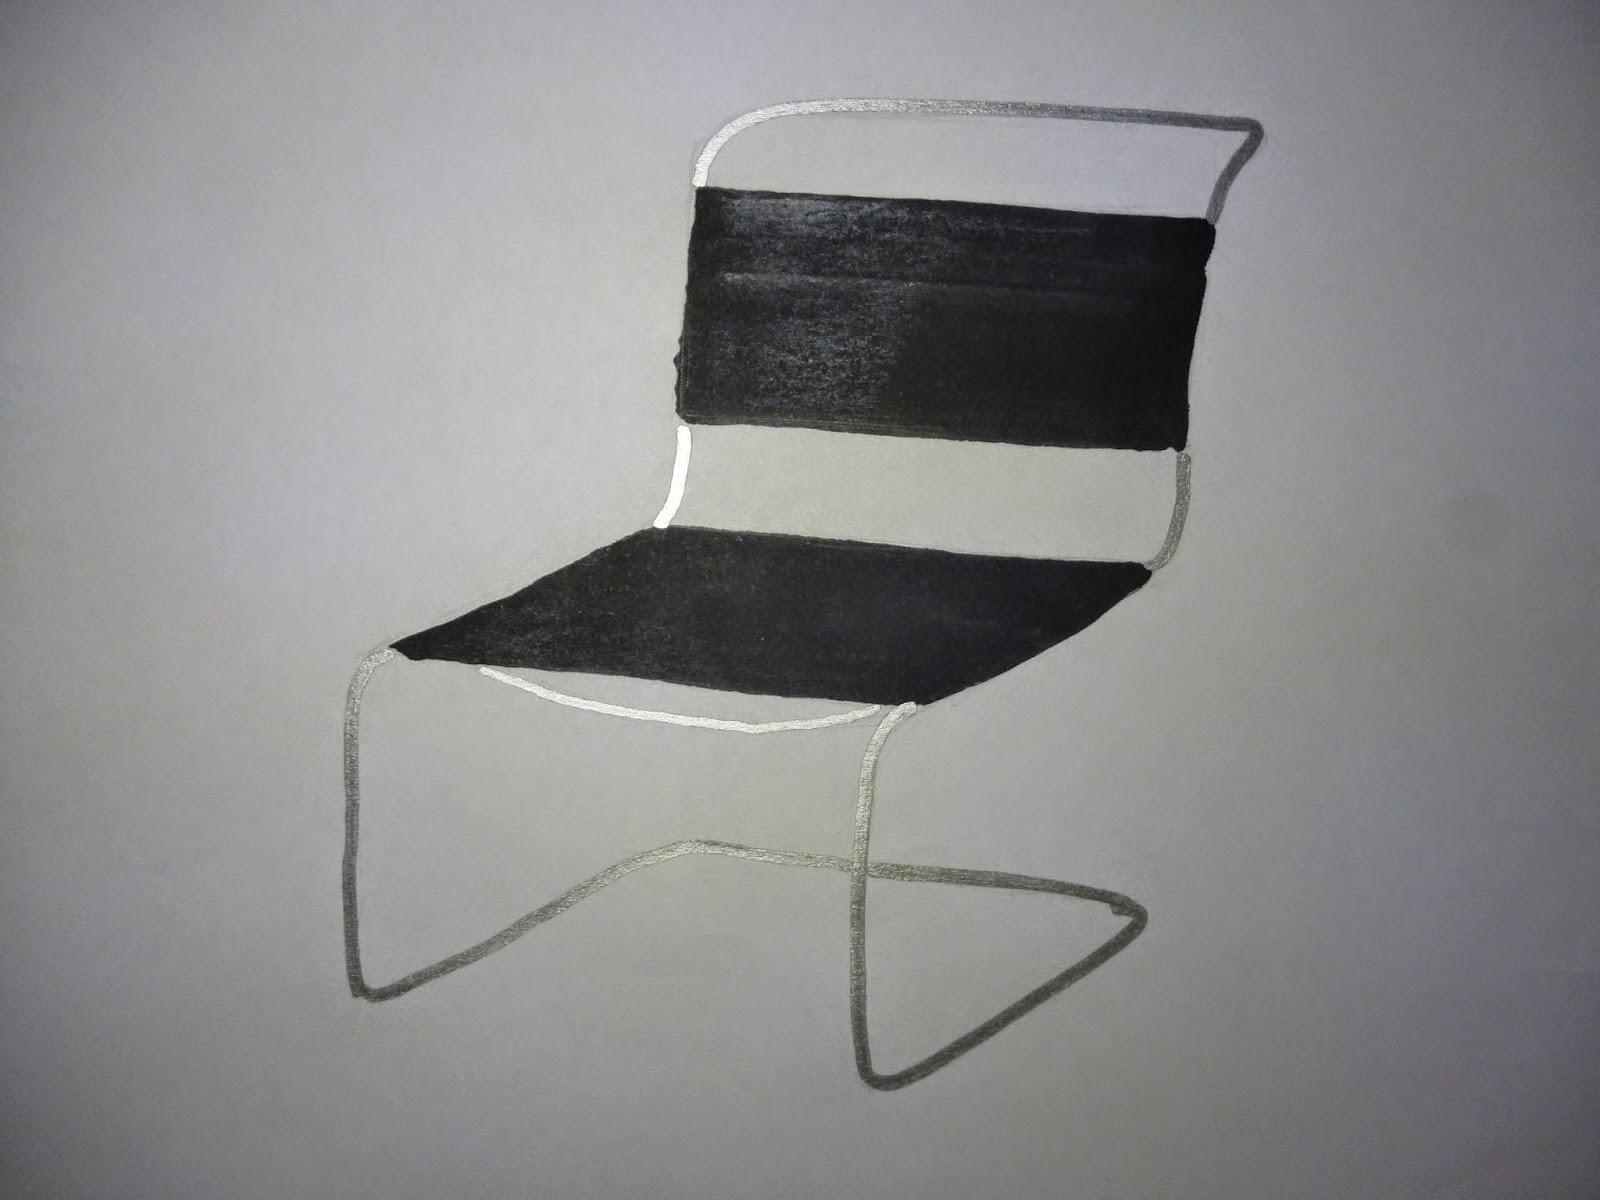 Bois Cuir # Muebles Bauhaus Caracteristicas